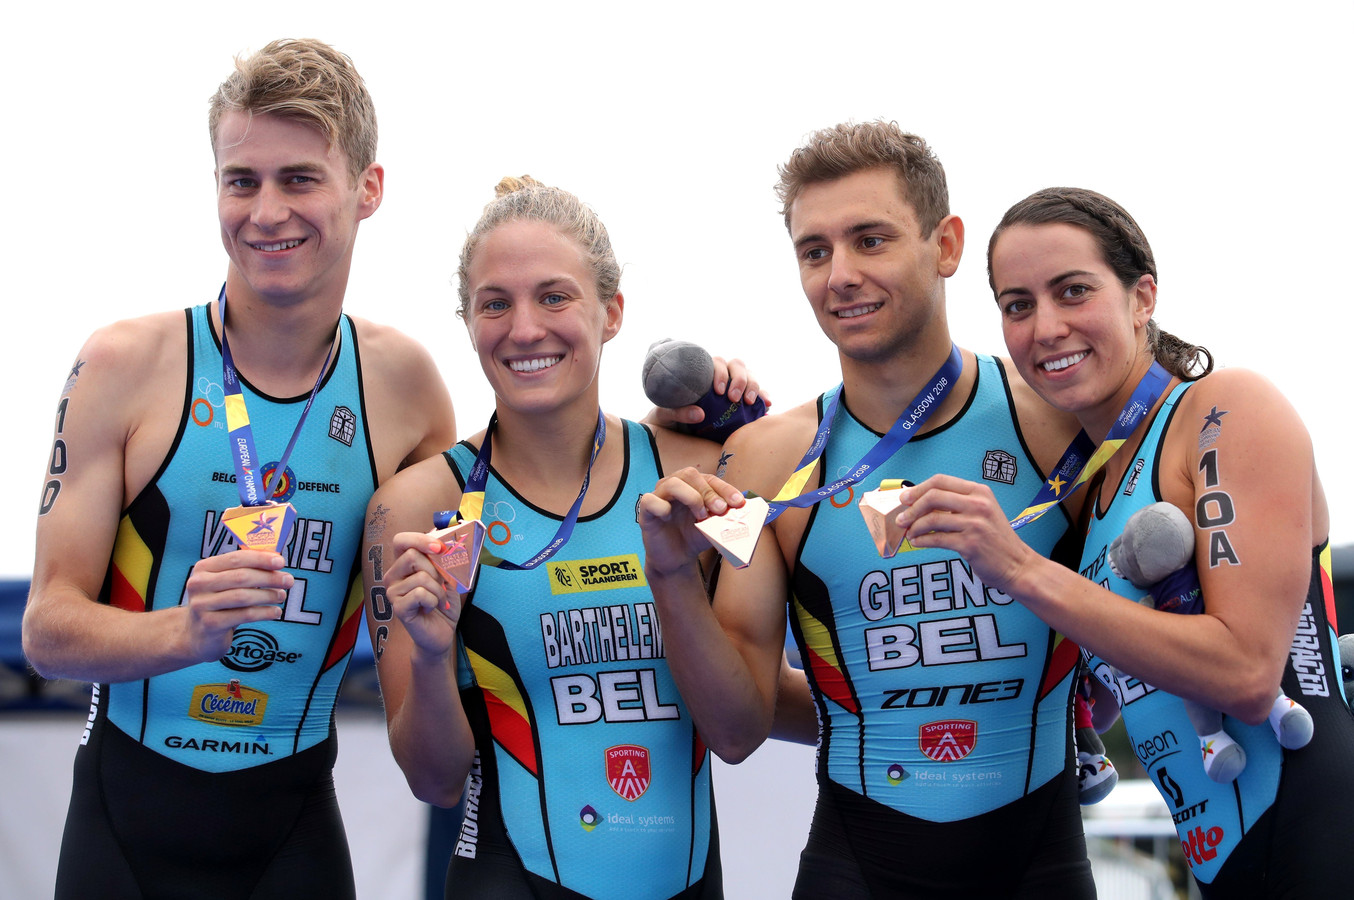 Claire Michel (rechts) pakte op het EK in Schotland in 2019 nog brons met de gemengde Belgische ploeg.